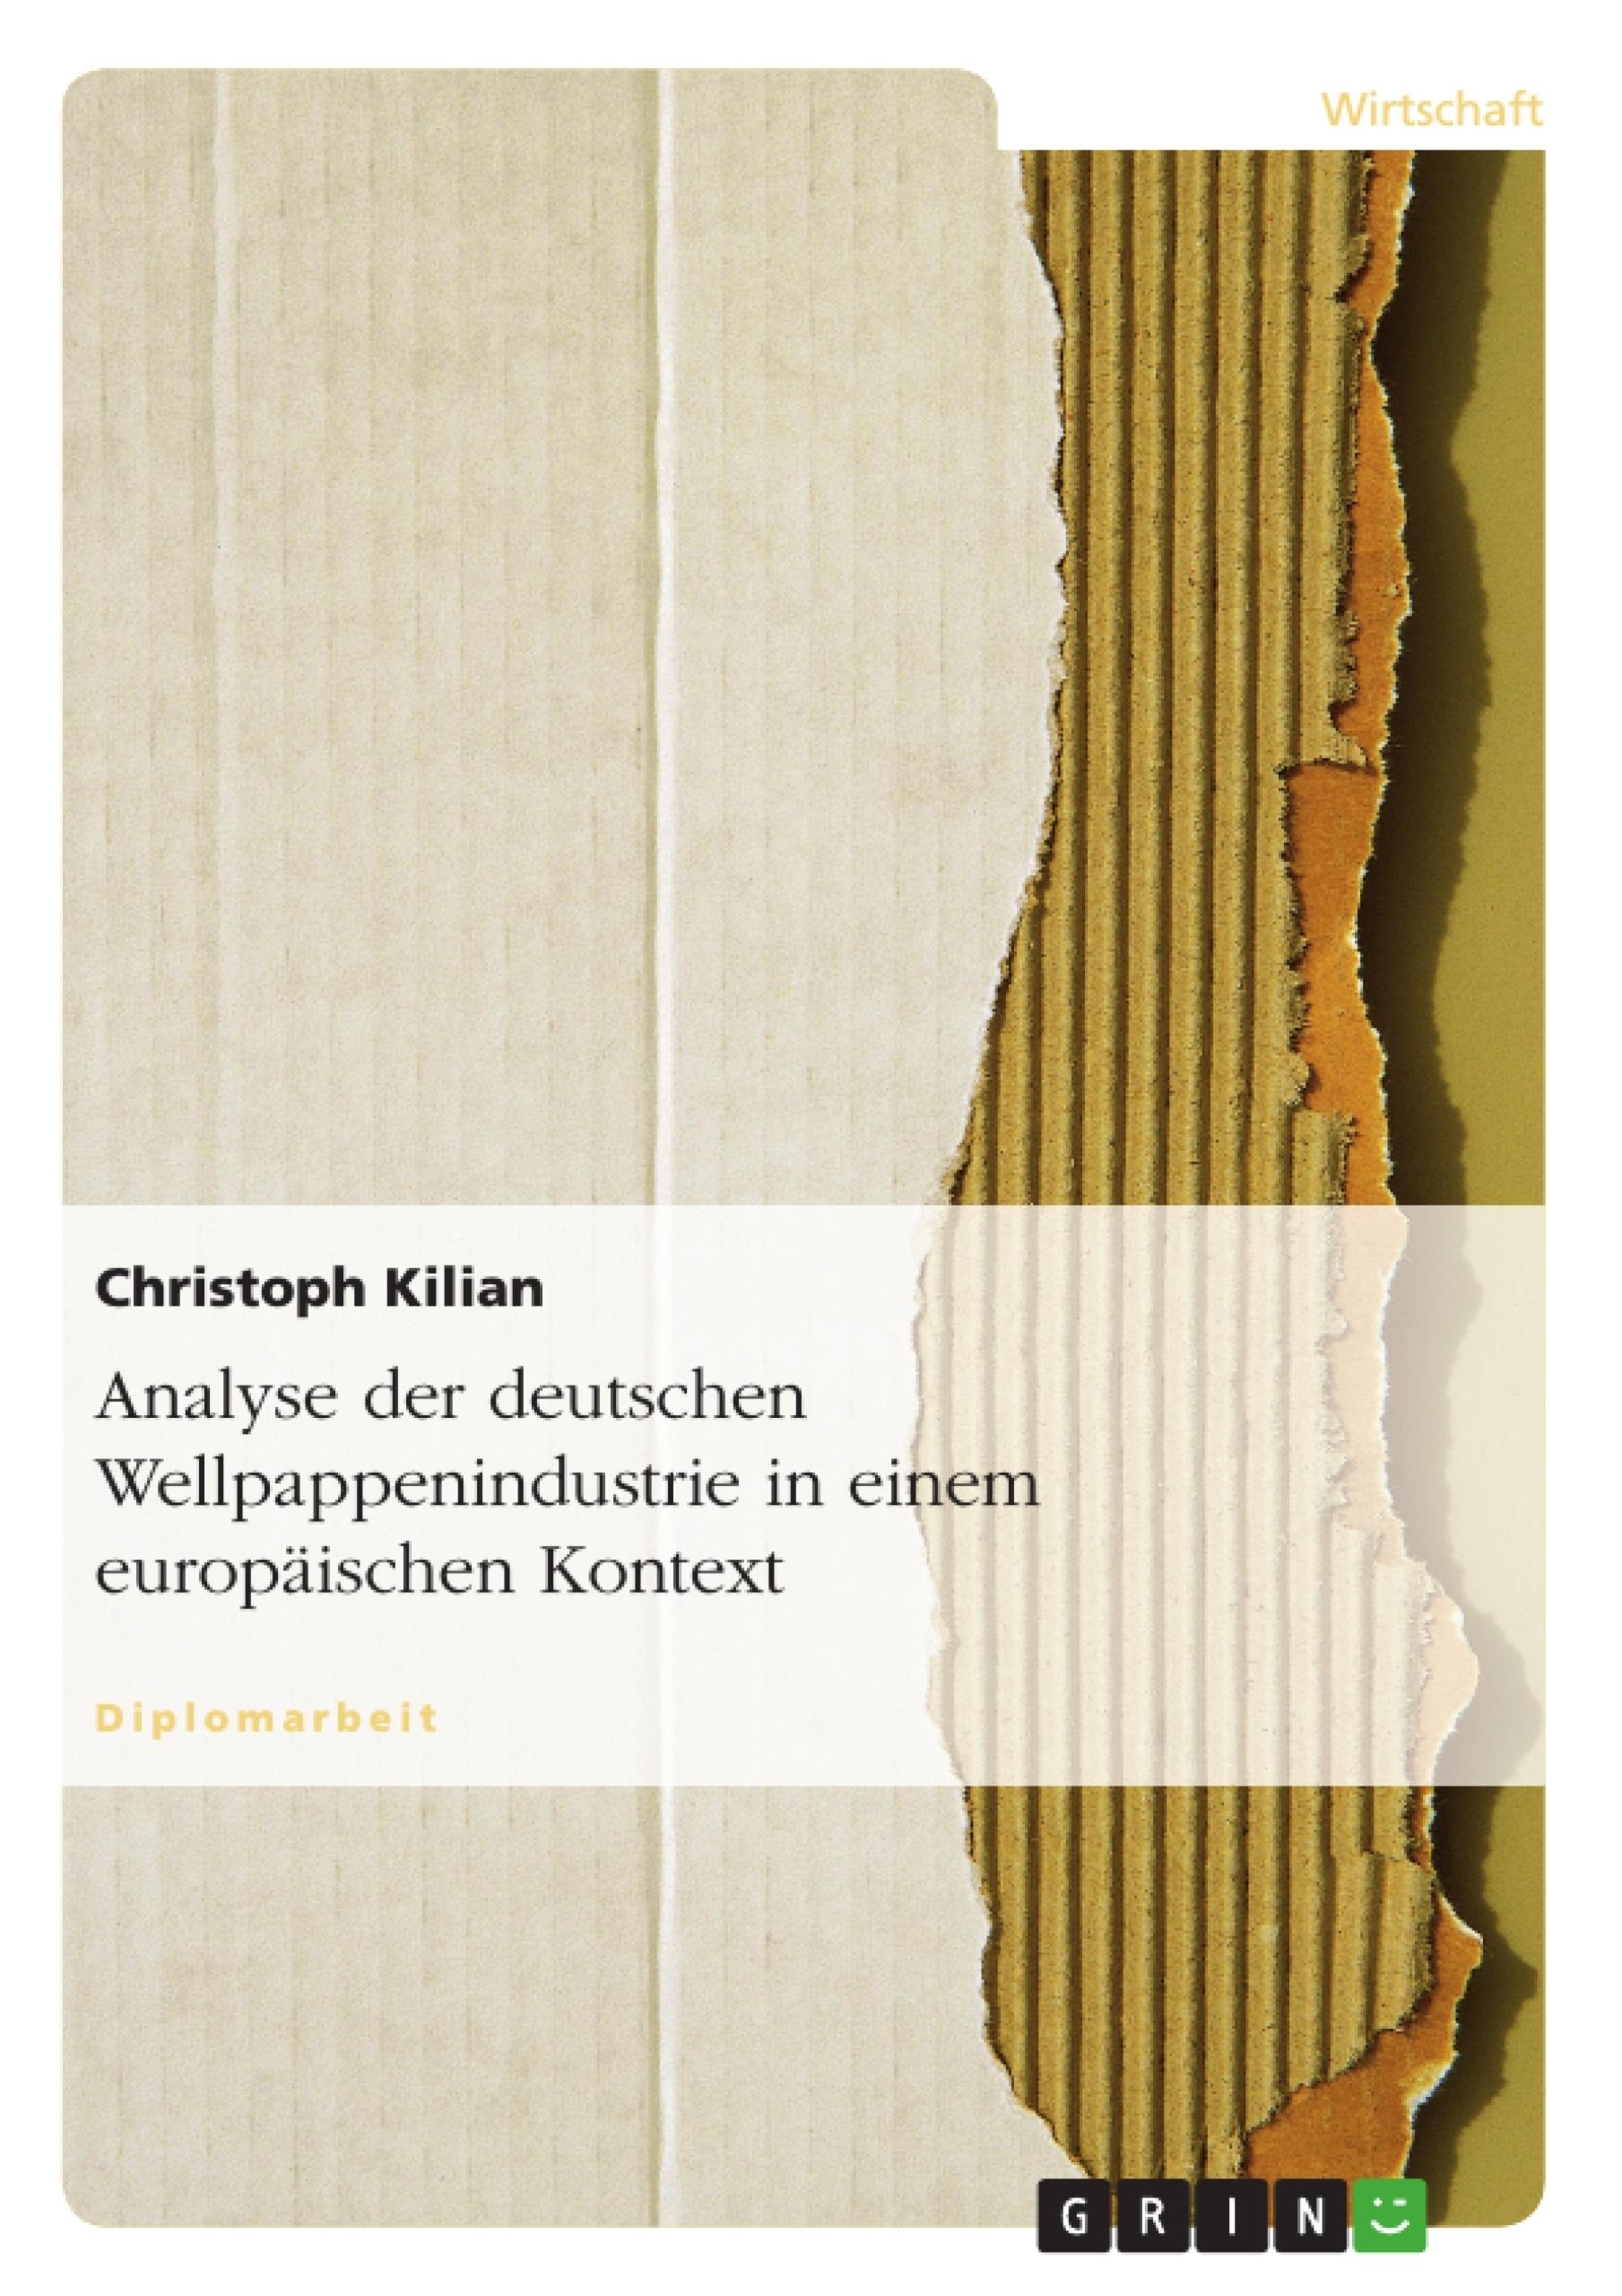 Titel: Analyse der deutschen Wellpappenindustrie in einem europäischen Kontext